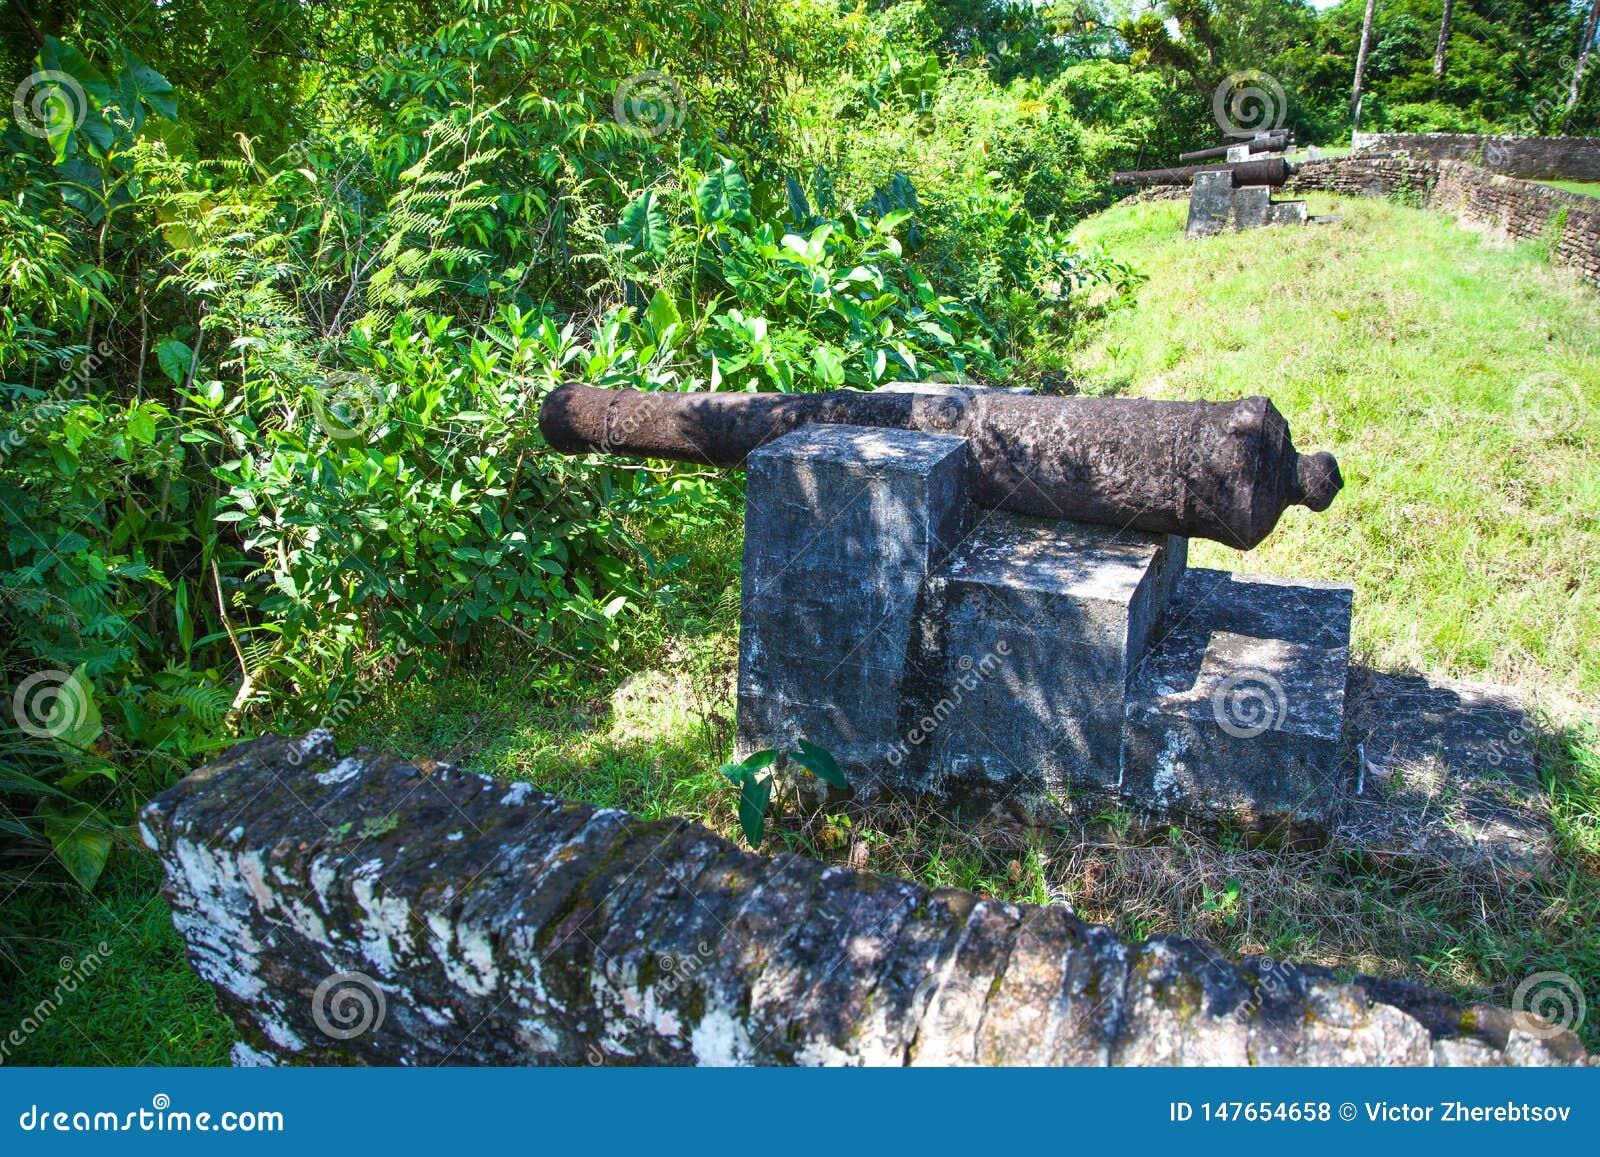 Φρούριο Πυροβόλα όπλα του οχυρού Zeelandia, Γουιάνα Το οχυρό Ζηλανδία βρίσκεται στο νησί του ποταμού Essequibo Το οχυρό χτίστηκε